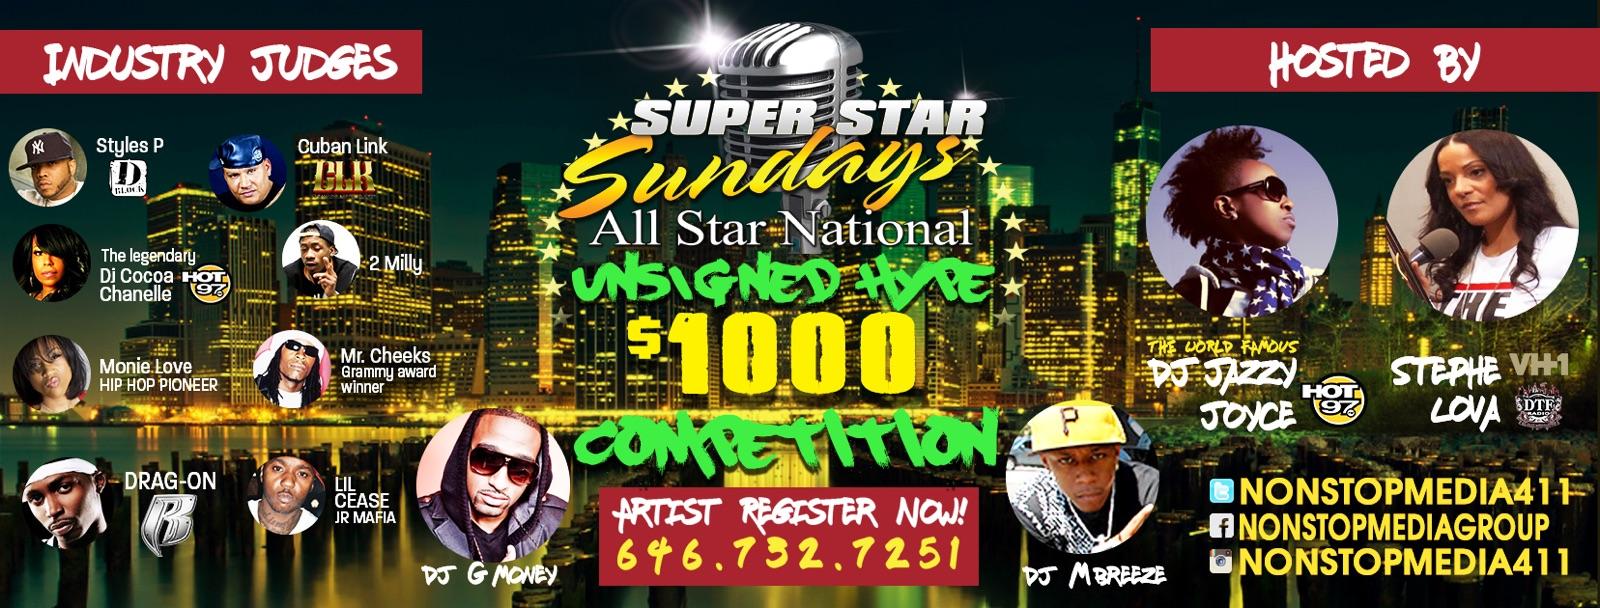 Superstar Sundays